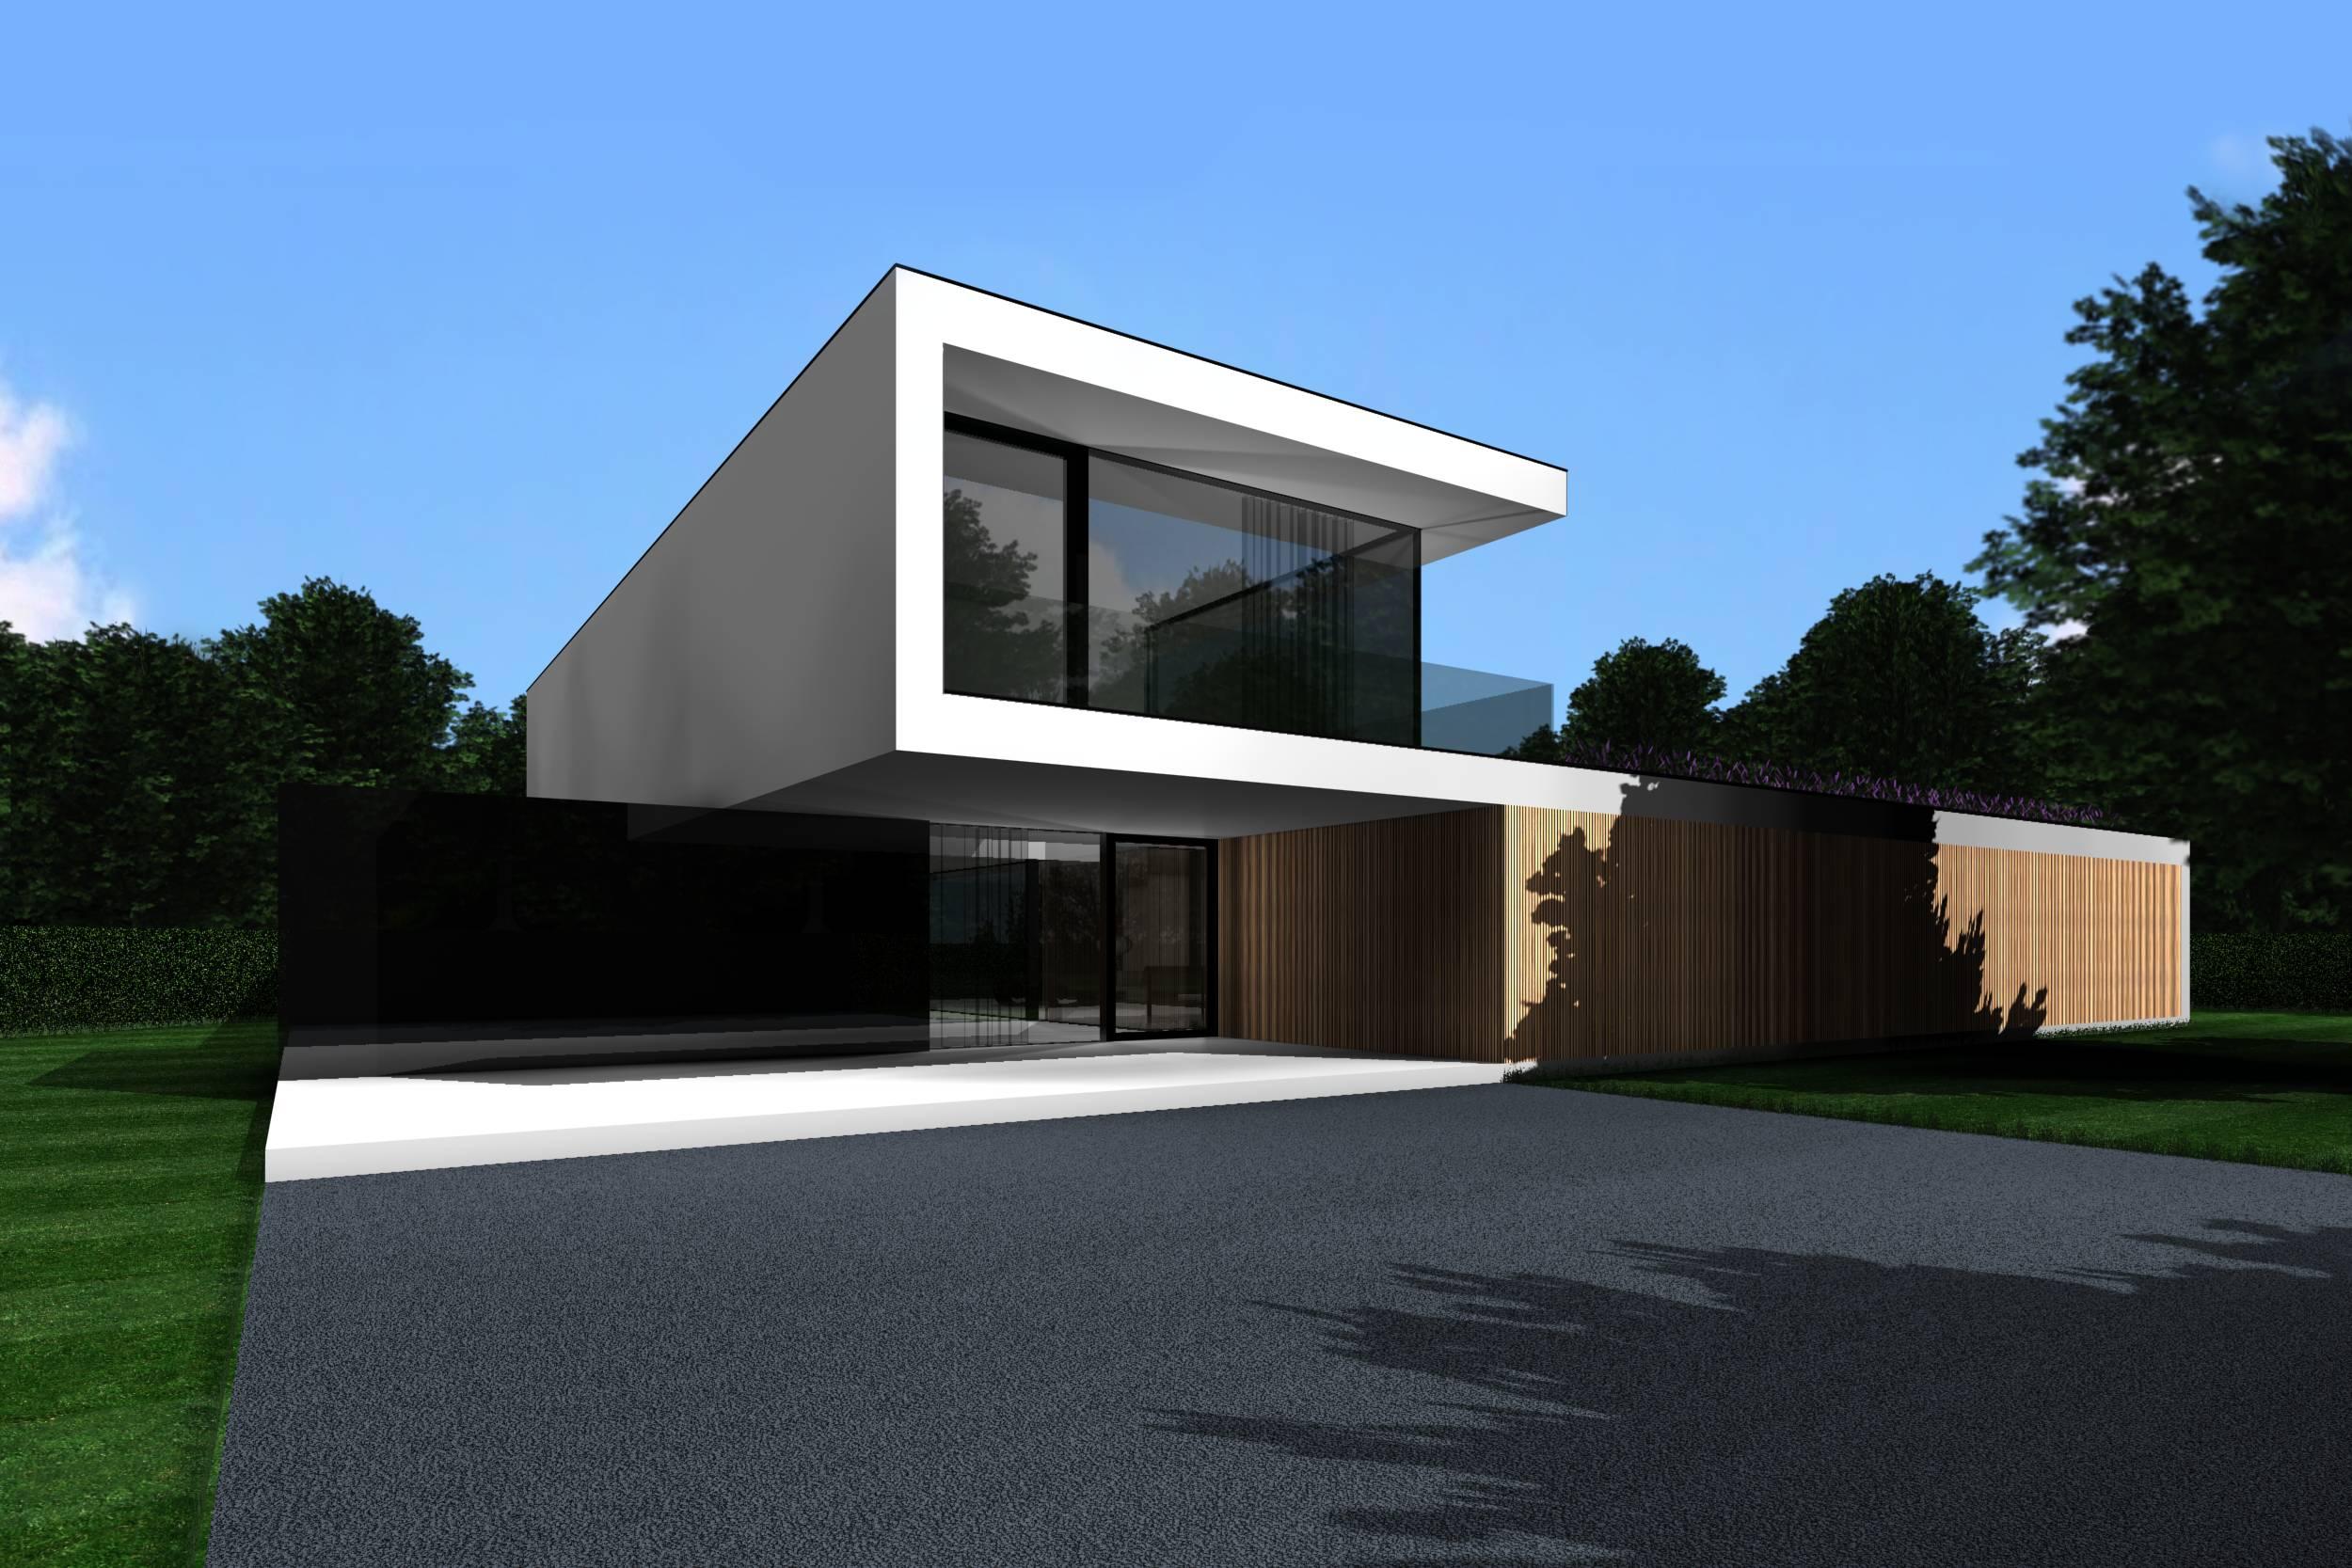 Strakke moderne tijdloze woning brasschaat architecten icoon - Moderne uitbreiding huis ...